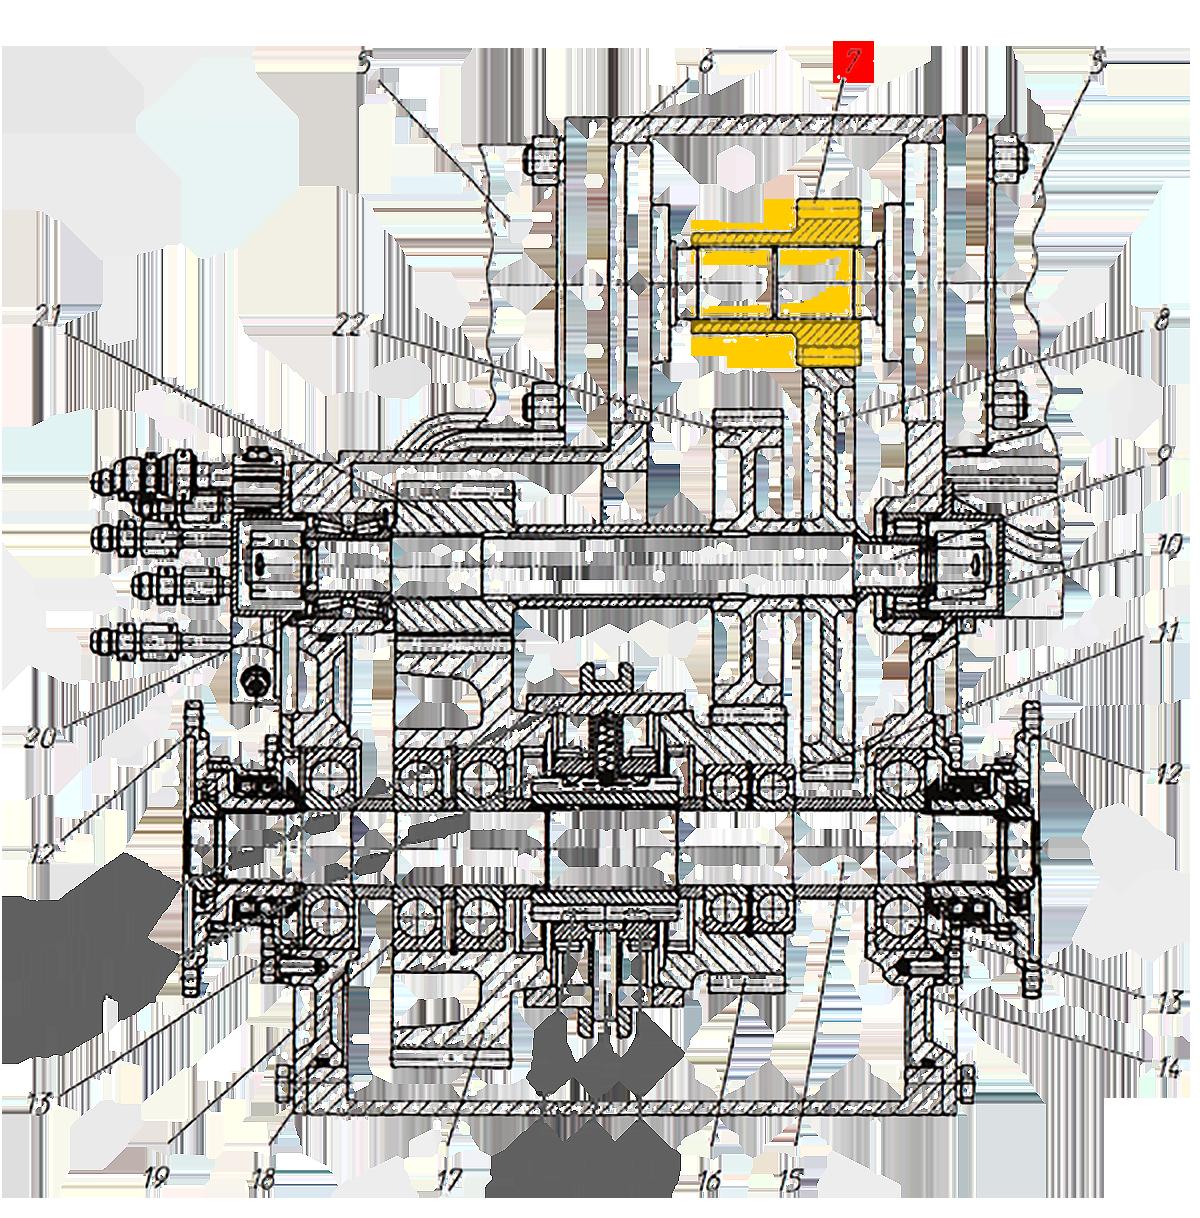 Шестерня Э20.01.02.080 коробки передач ЭО-33211